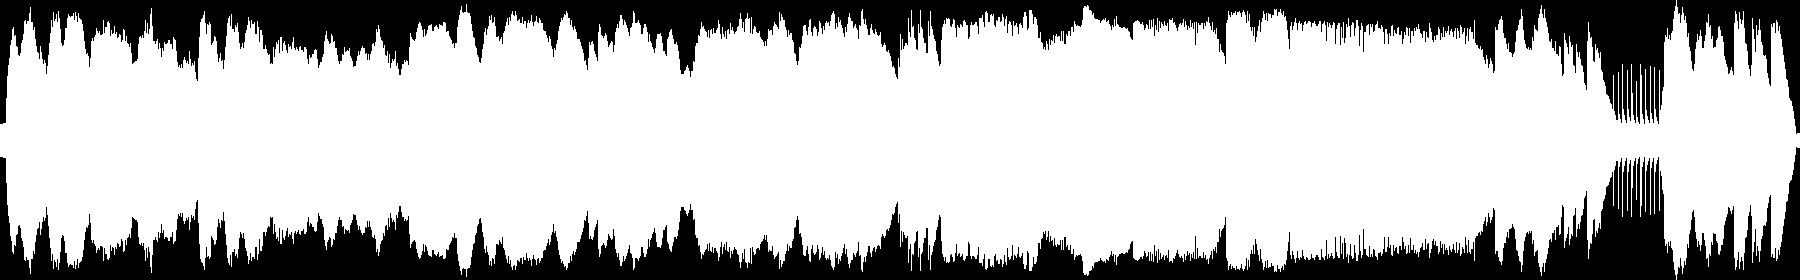 Luftrum 6 audio waveform